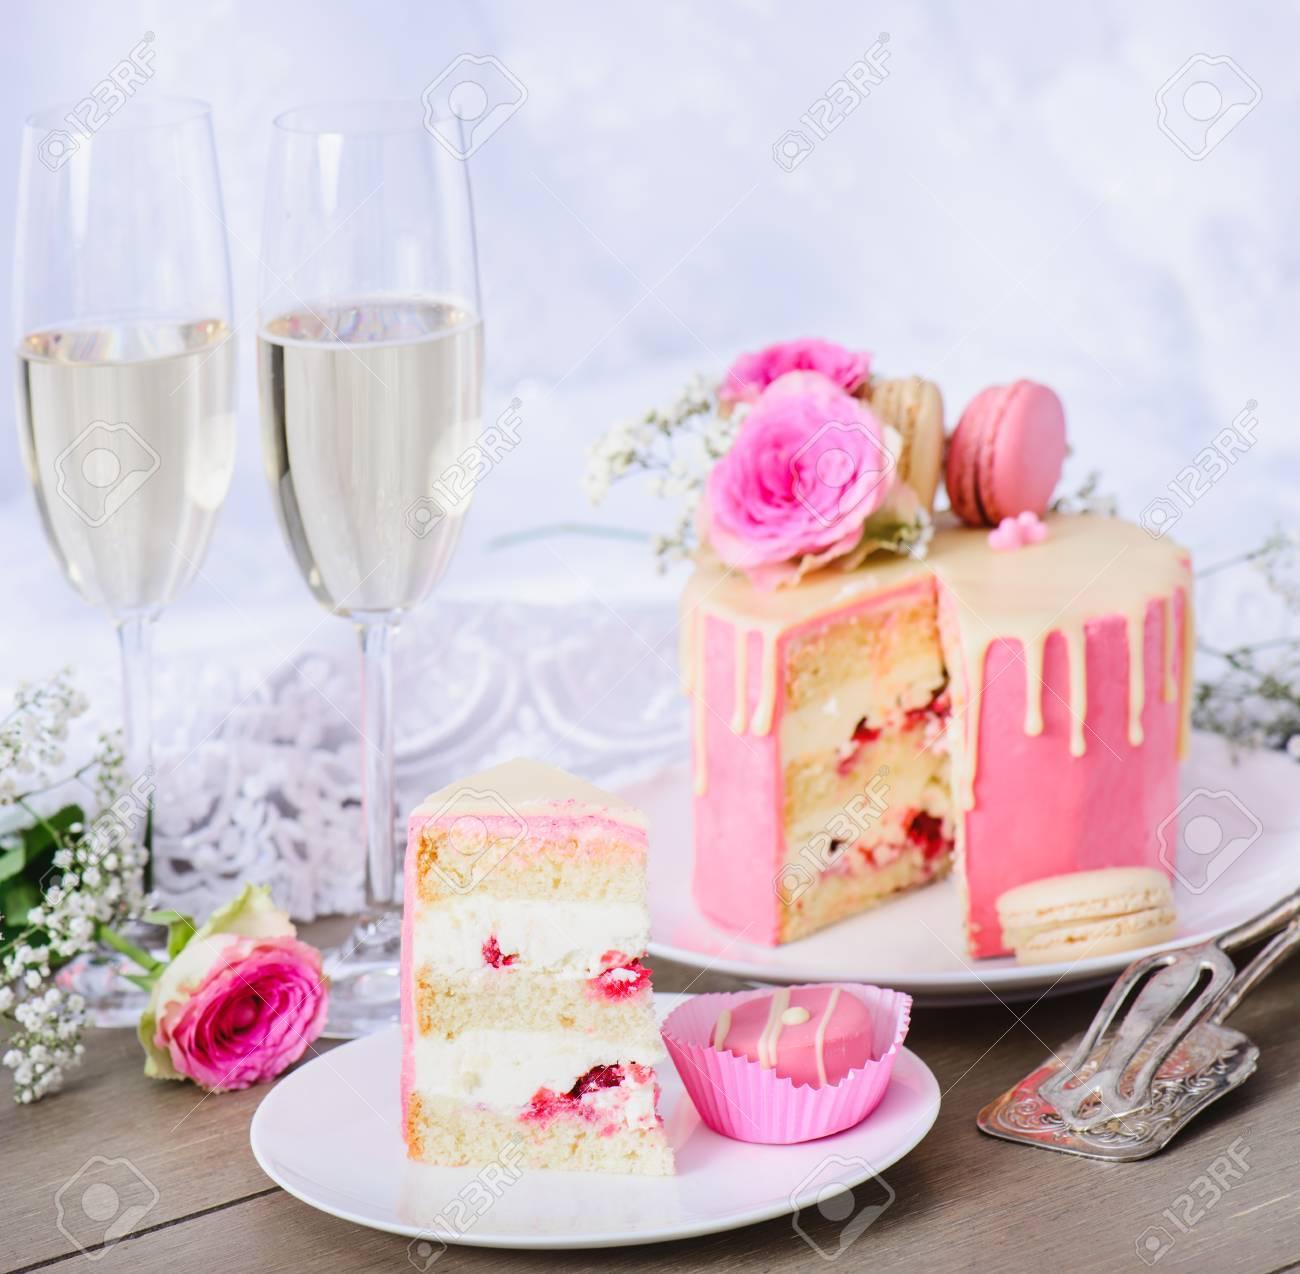 Hochzeitstorte Mit Rosa Zuckerguss Und Weisser Schokolade Ganache